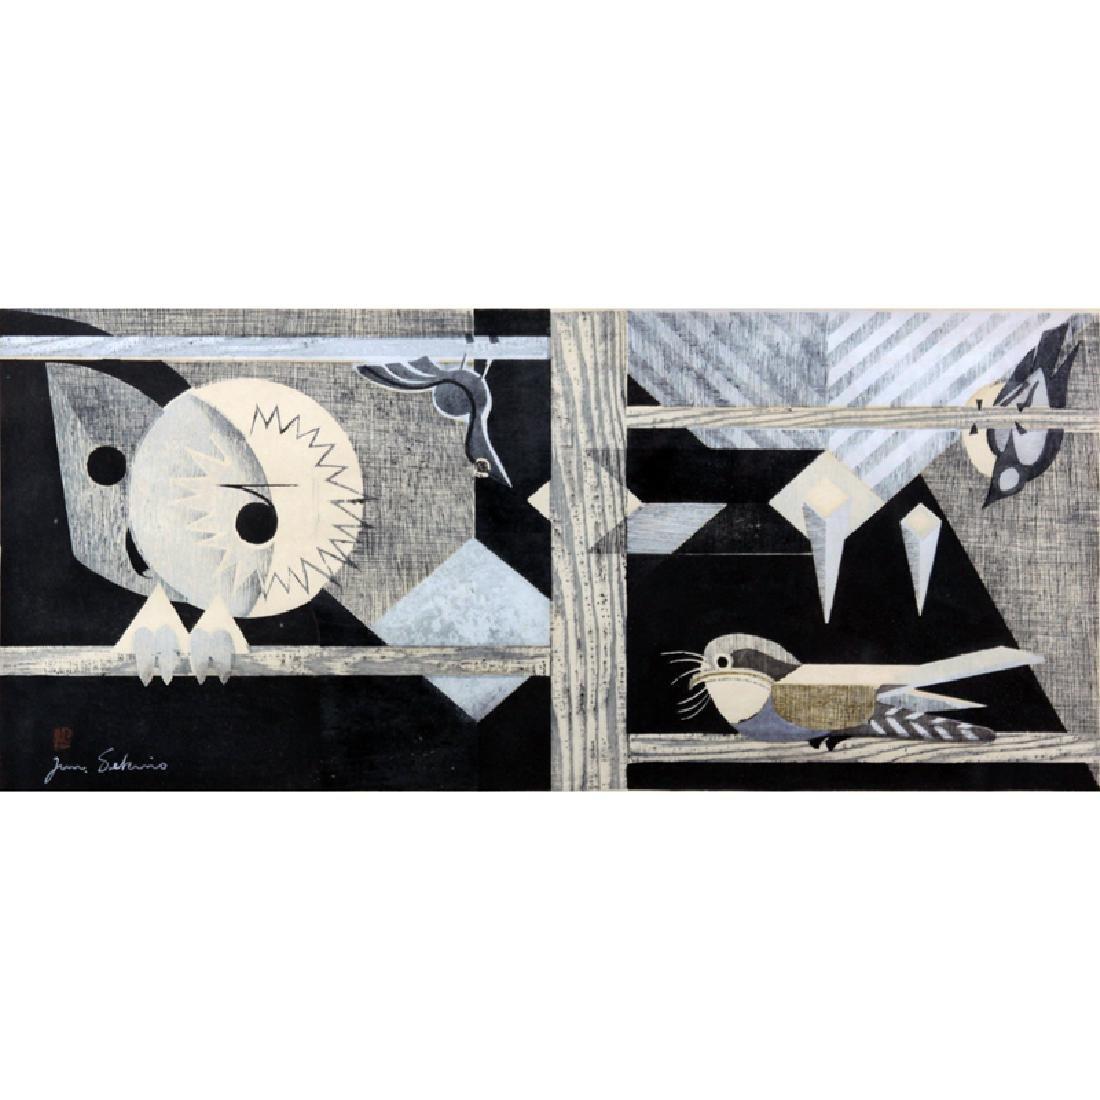 Junichiro Sekino, Japanese (1914-1988) Color Woodcut